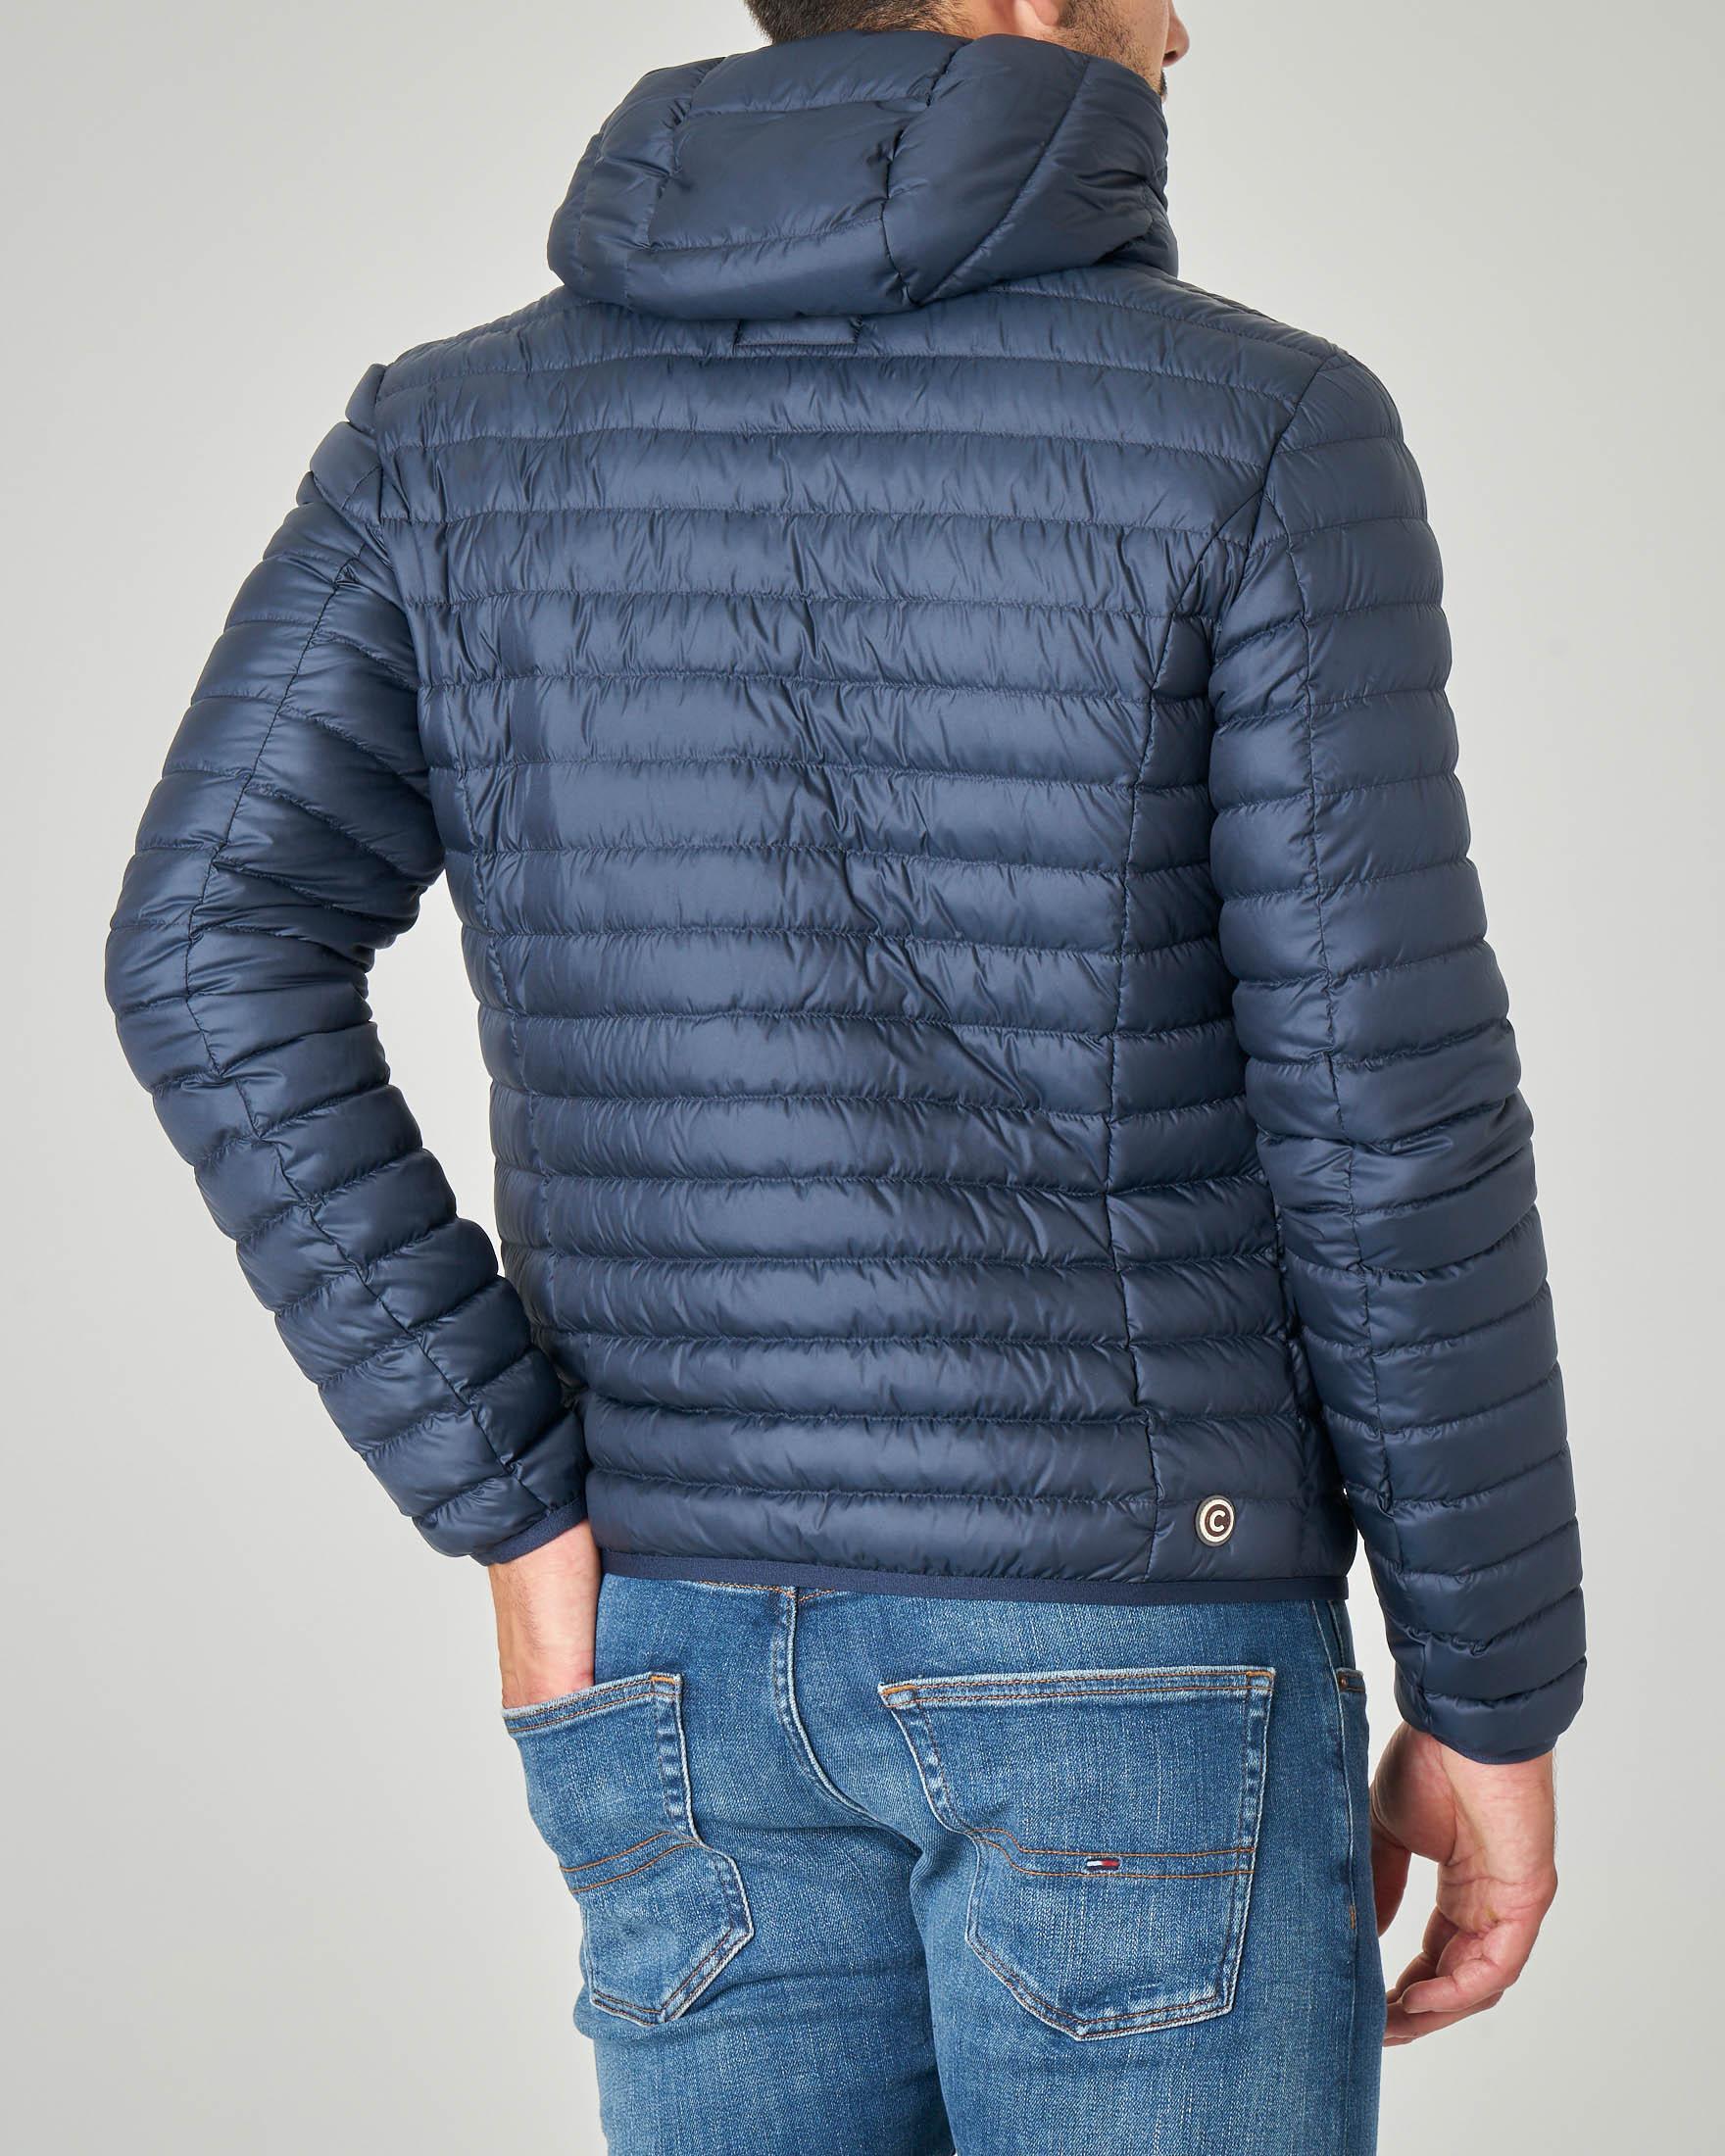 Piumino blu leggero con cappuccio fisso | Pellizzari E commerce